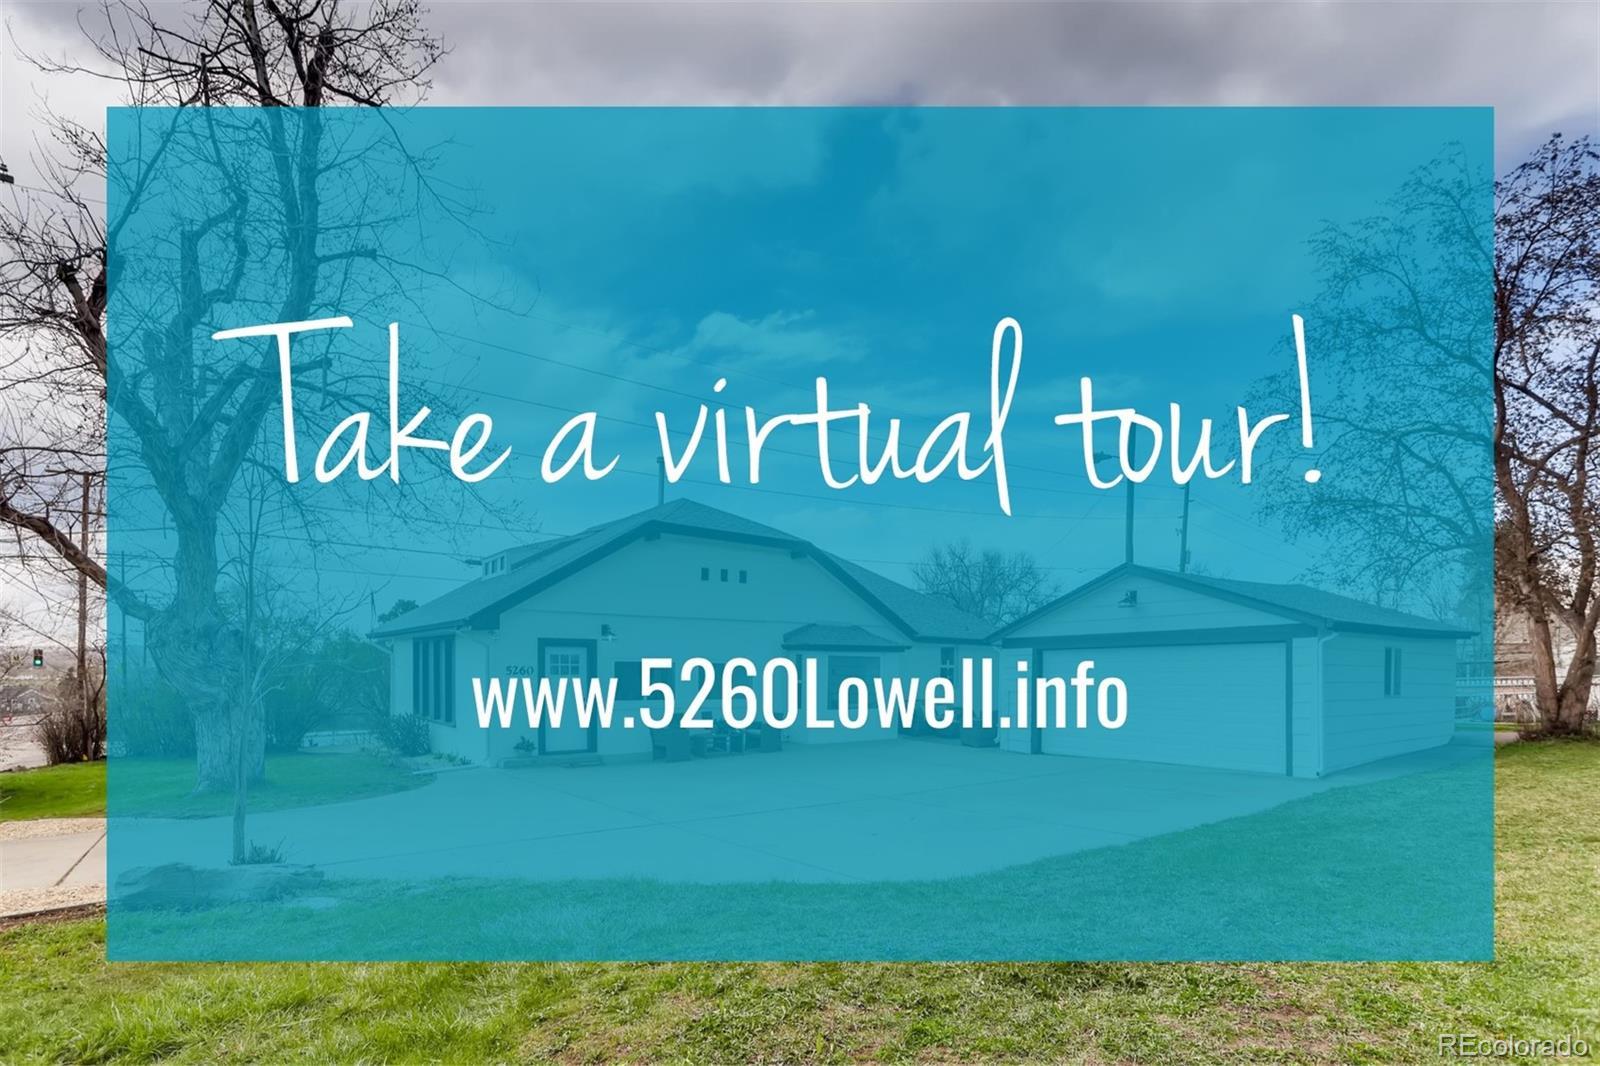 MLS# 4558076 - 3 - 5260 Lowell Boulevard, Denver, CO 80221